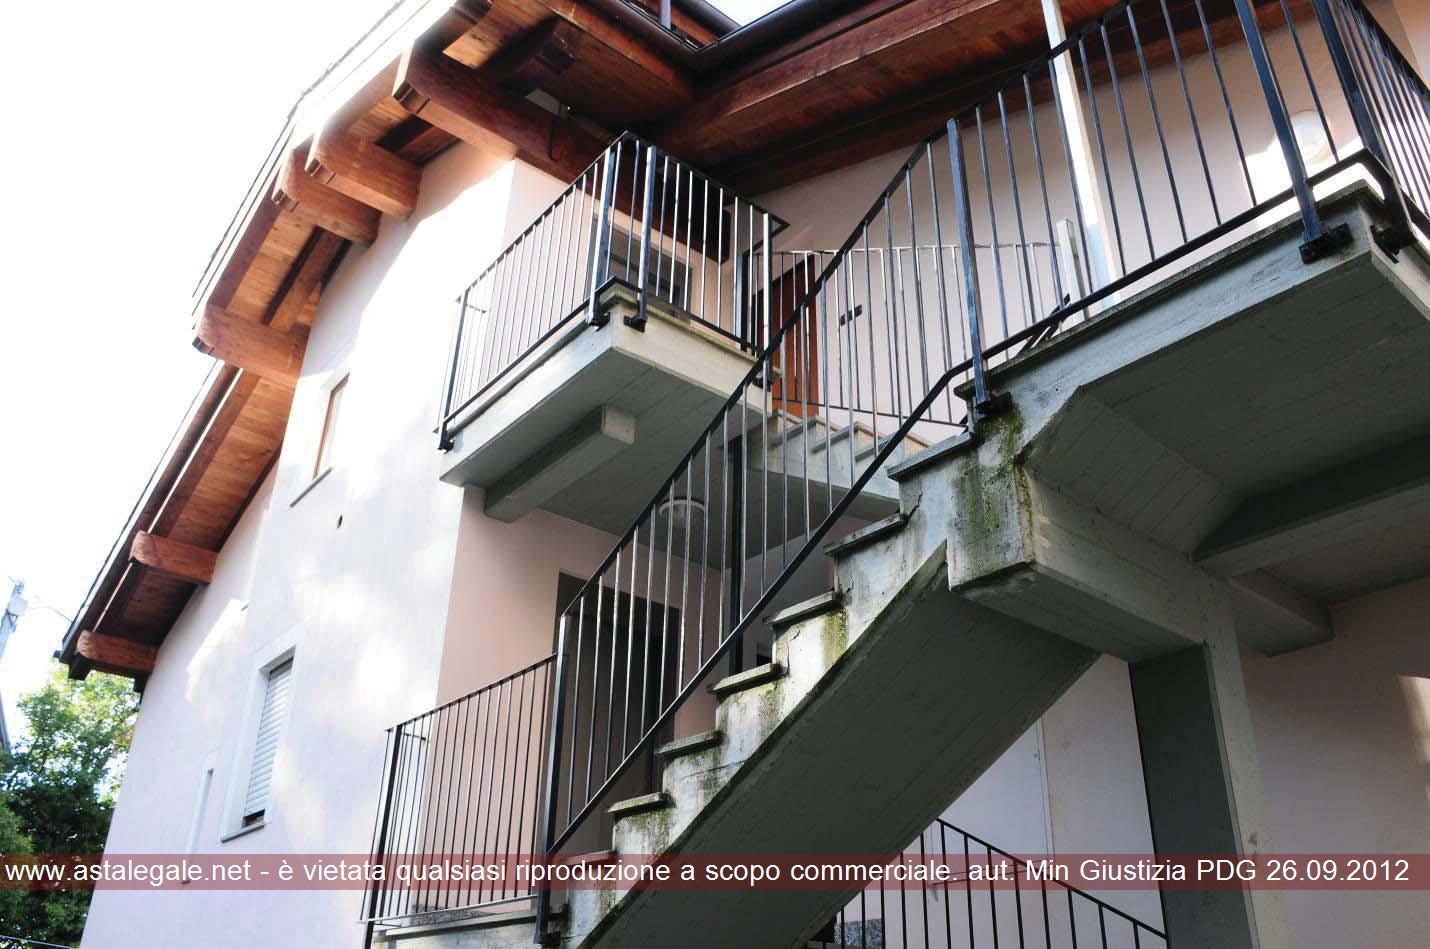 Saint-vincent (AO) Via Fratelli Marc-Grivaz 11